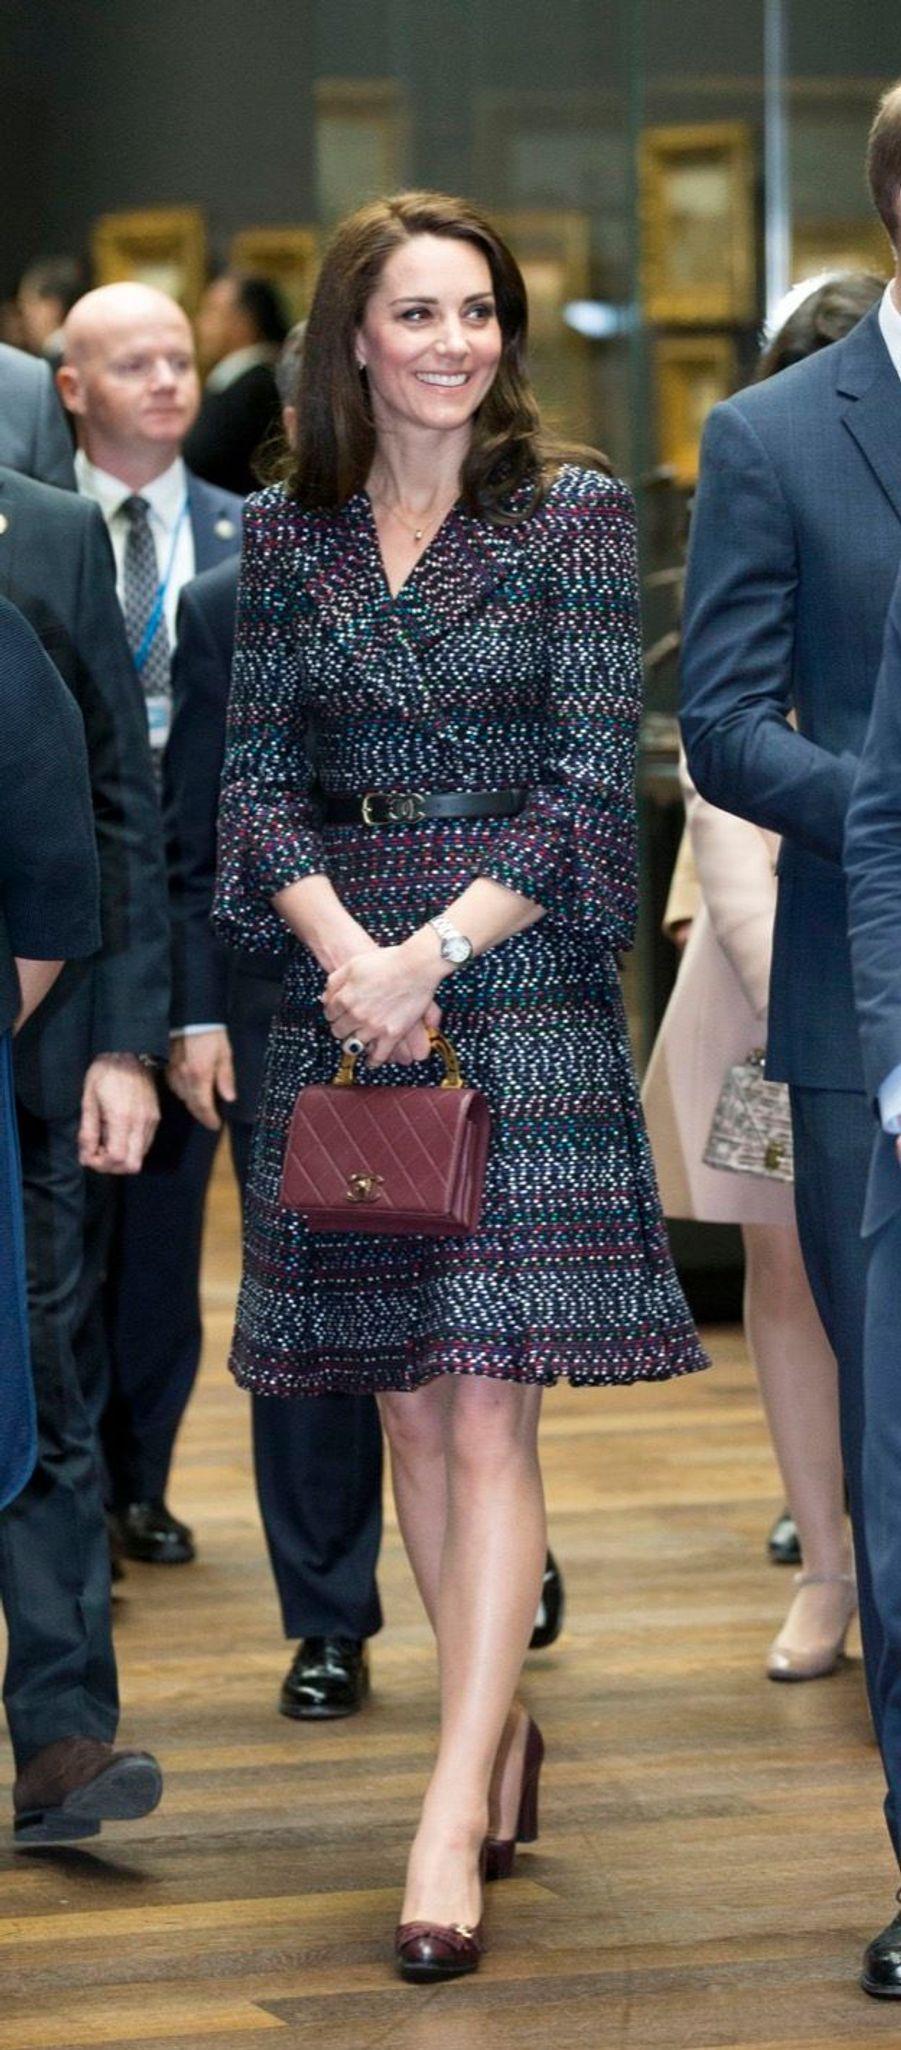 Kate Middleton Et Le Prince William Au Musée D'Orsay